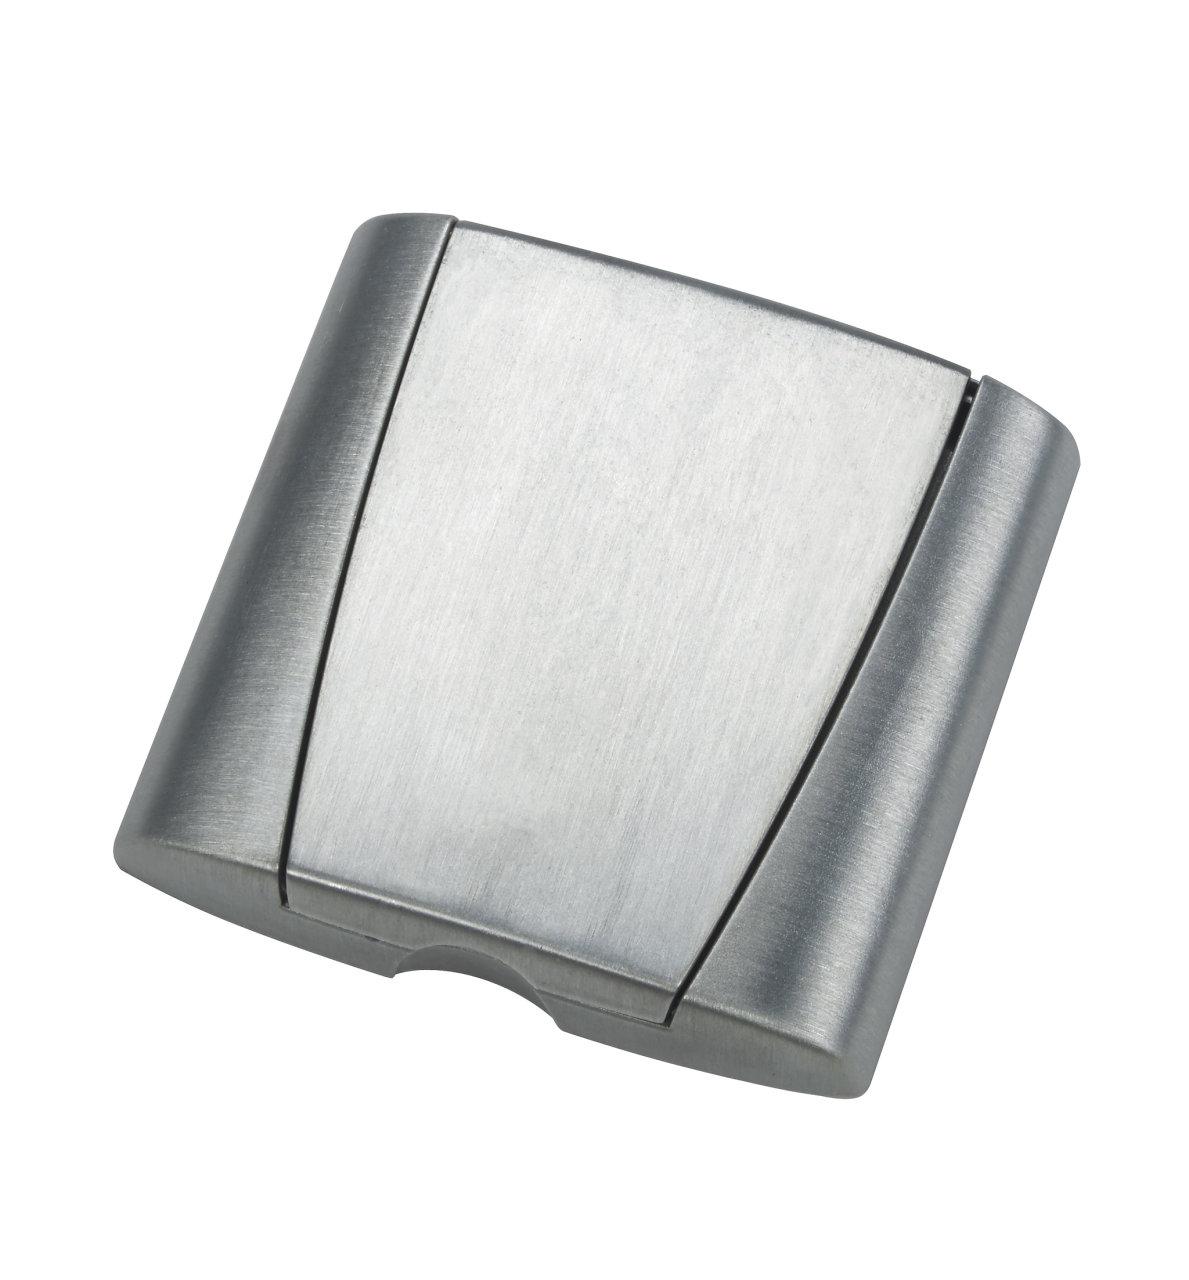 Metallisk doslock Optima, silver, utan lock